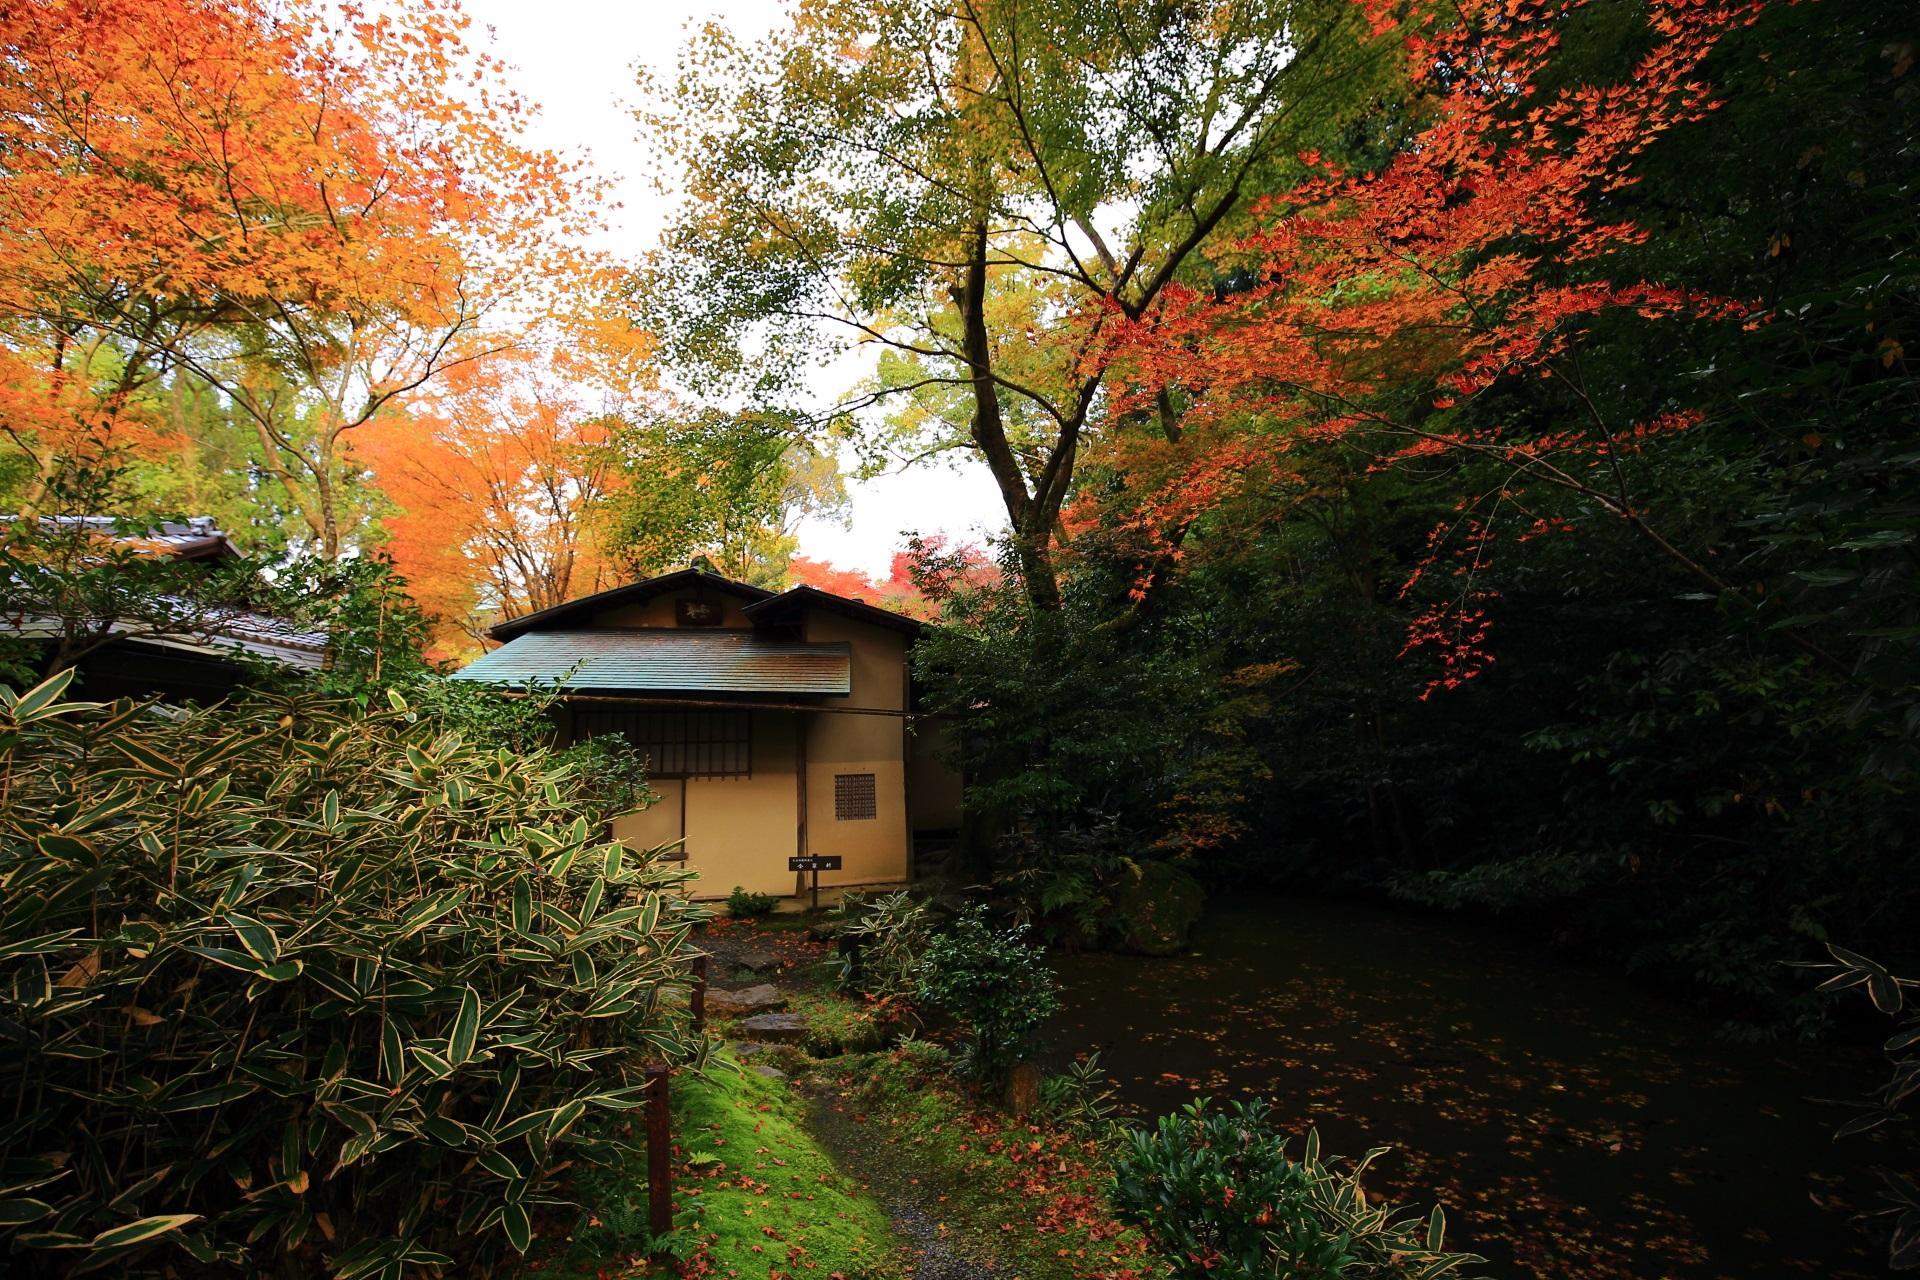 来迎院の紅葉に染まるお茶室の含翆軒と心字池